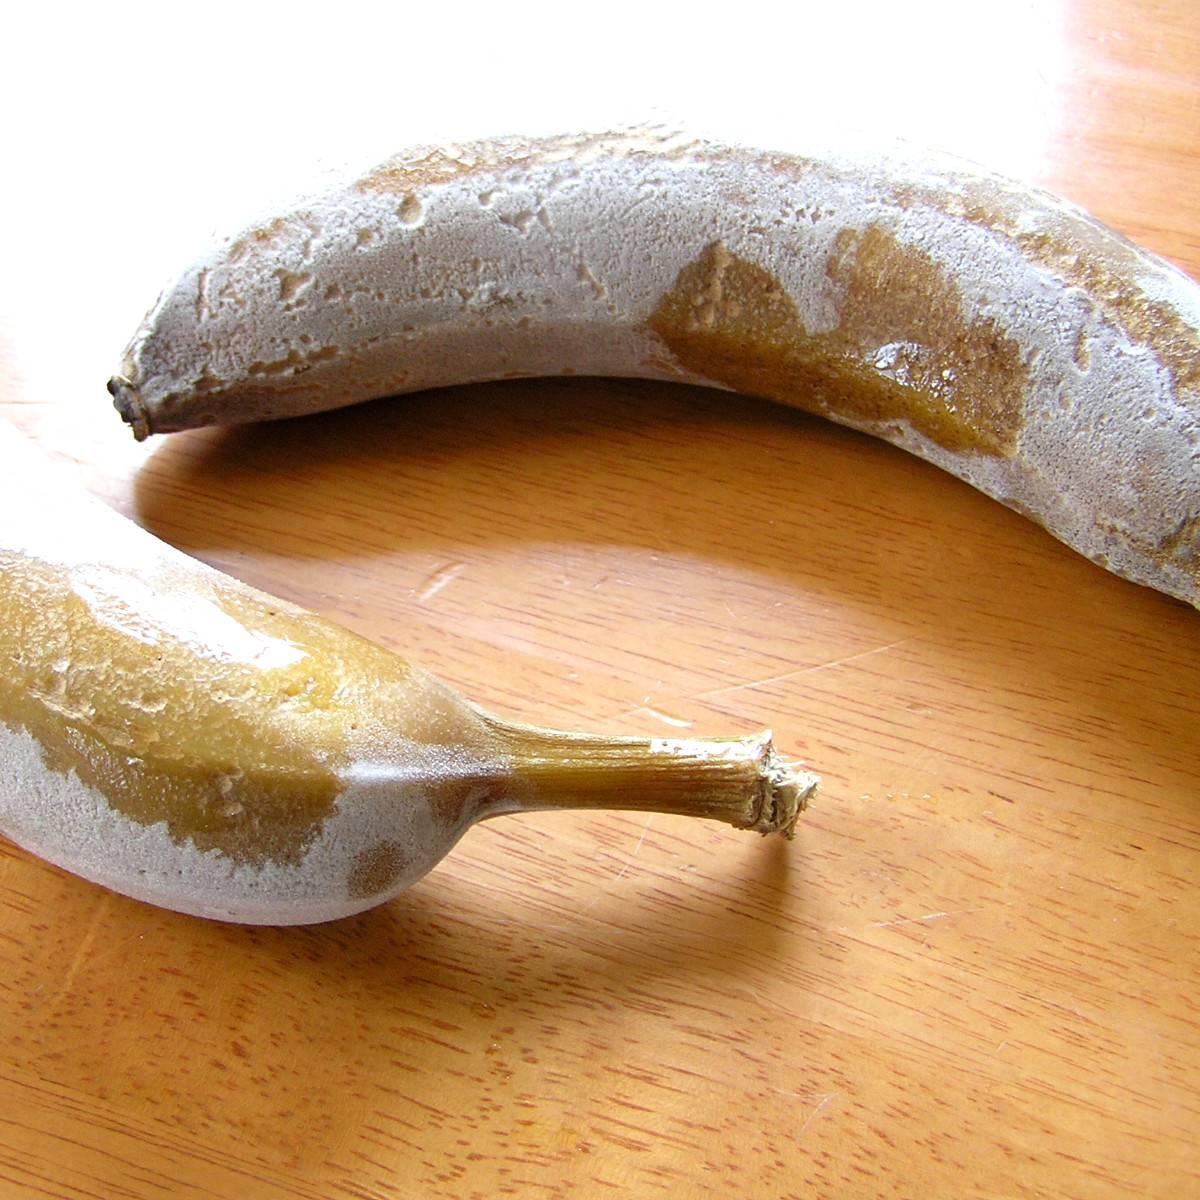 Можно ли замораживать бананы в морозилке. в каких условиях требуется хранить бананы дома, как это делать правильно, чтобы они не почернели, и можно ли их замораживать? банановое мороженое с добавление